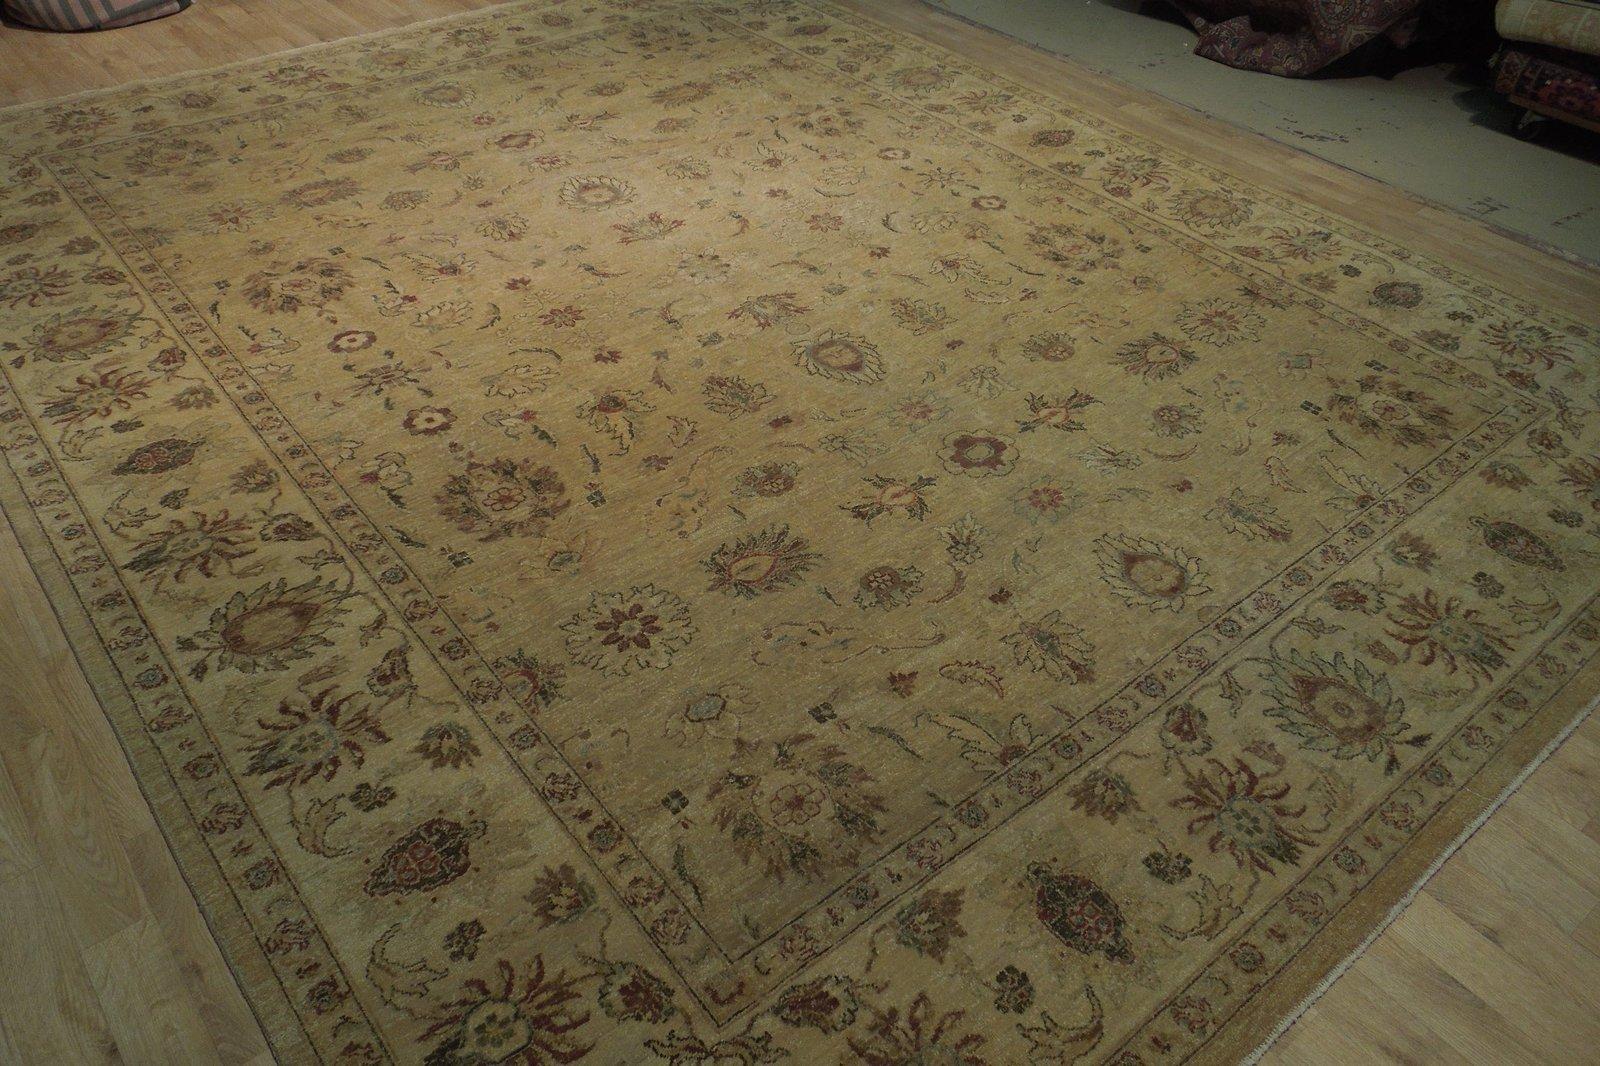 Honey Gold Wool Carpet 9' x 12' New Original Ziglar Oushak Hand-Knotted Rug image 11